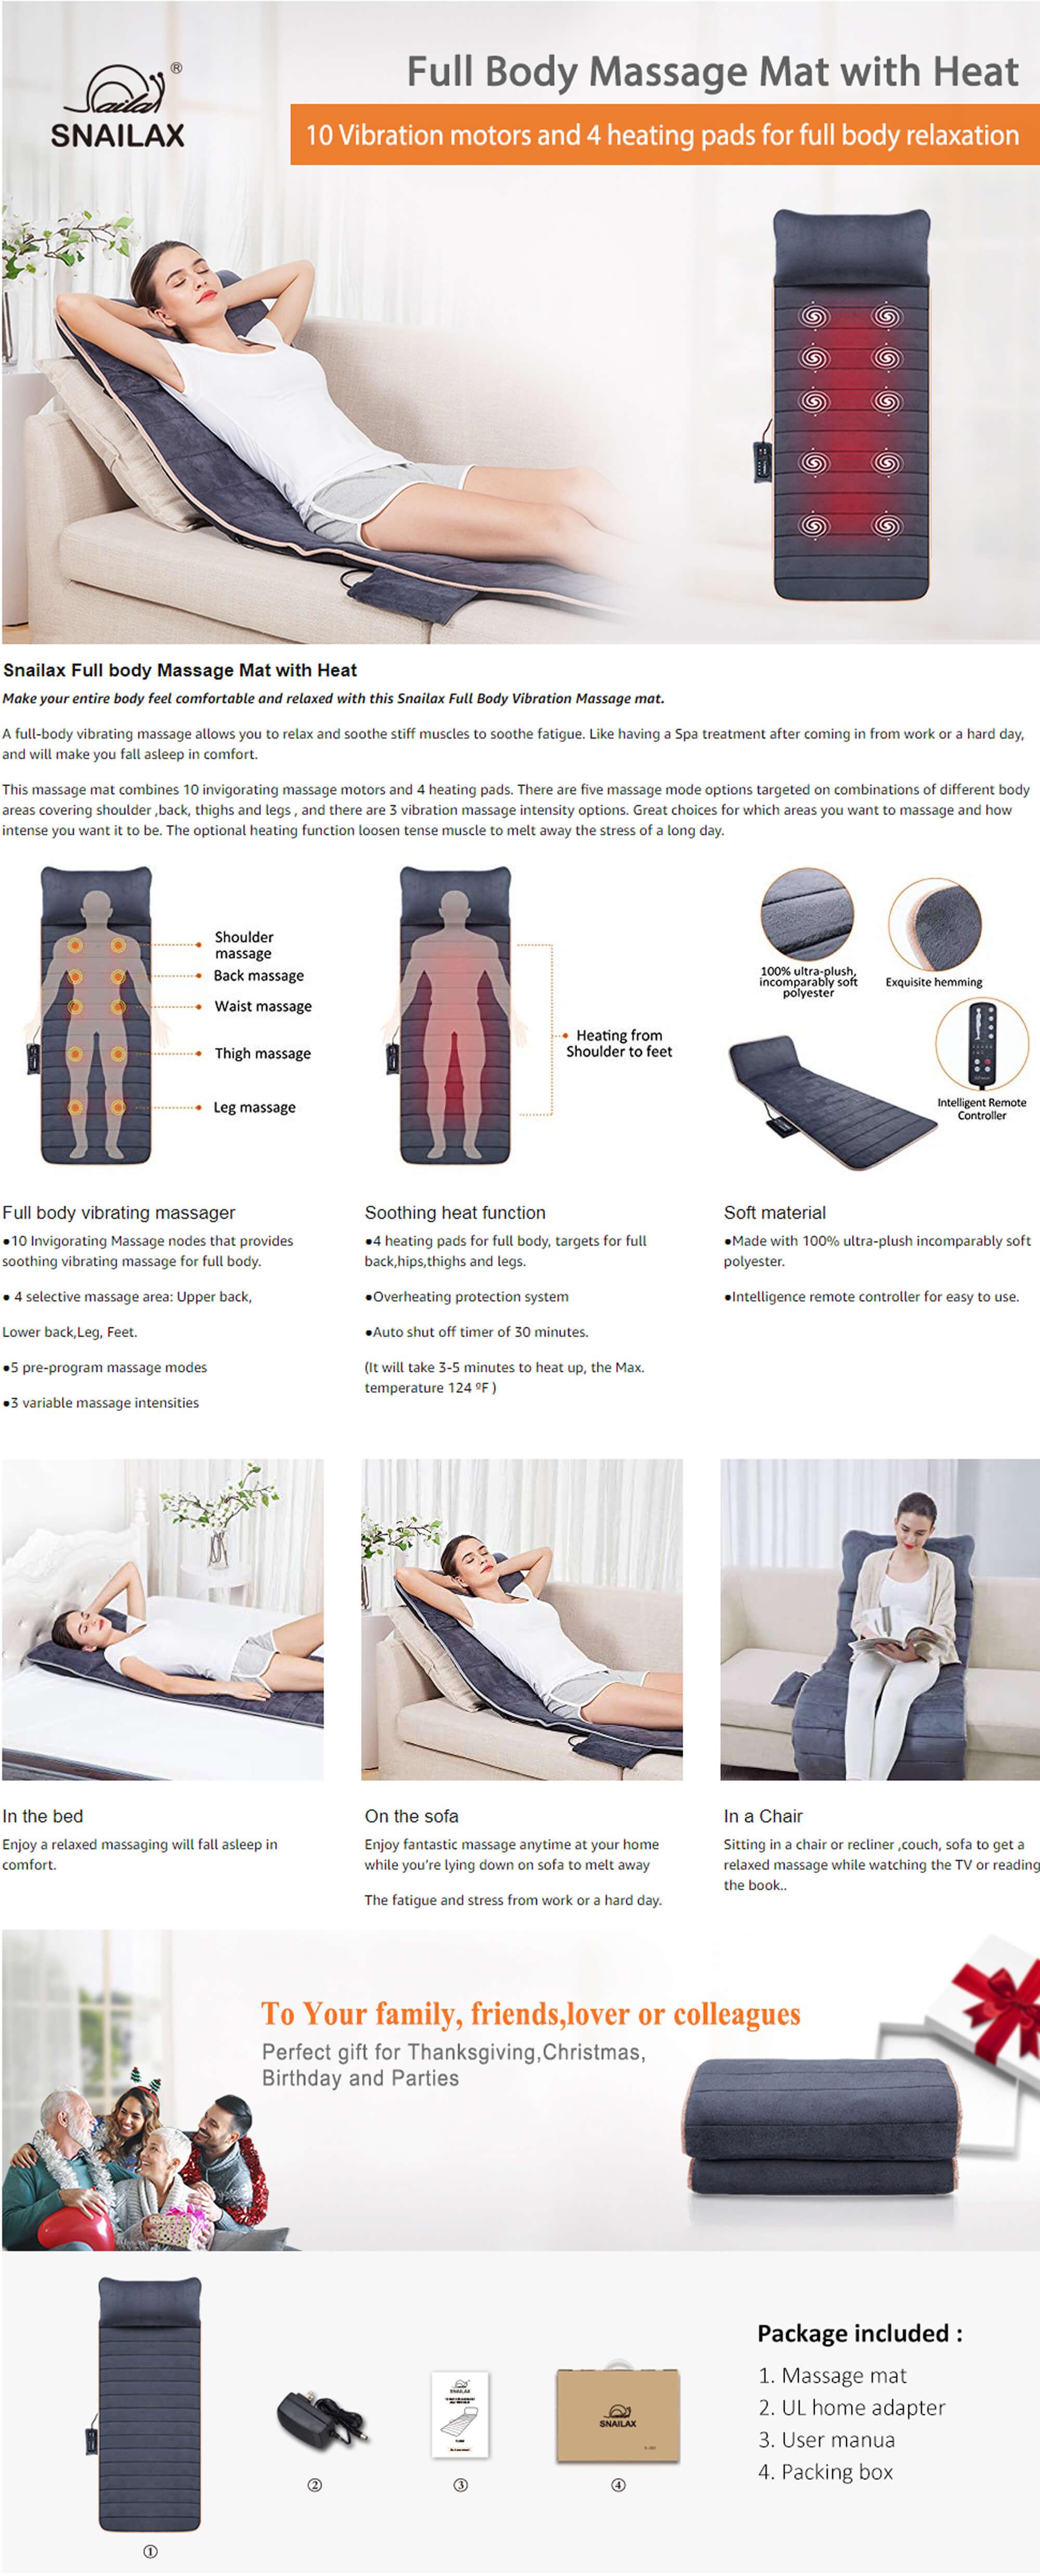 Snailax Vibration Massage Mat Features